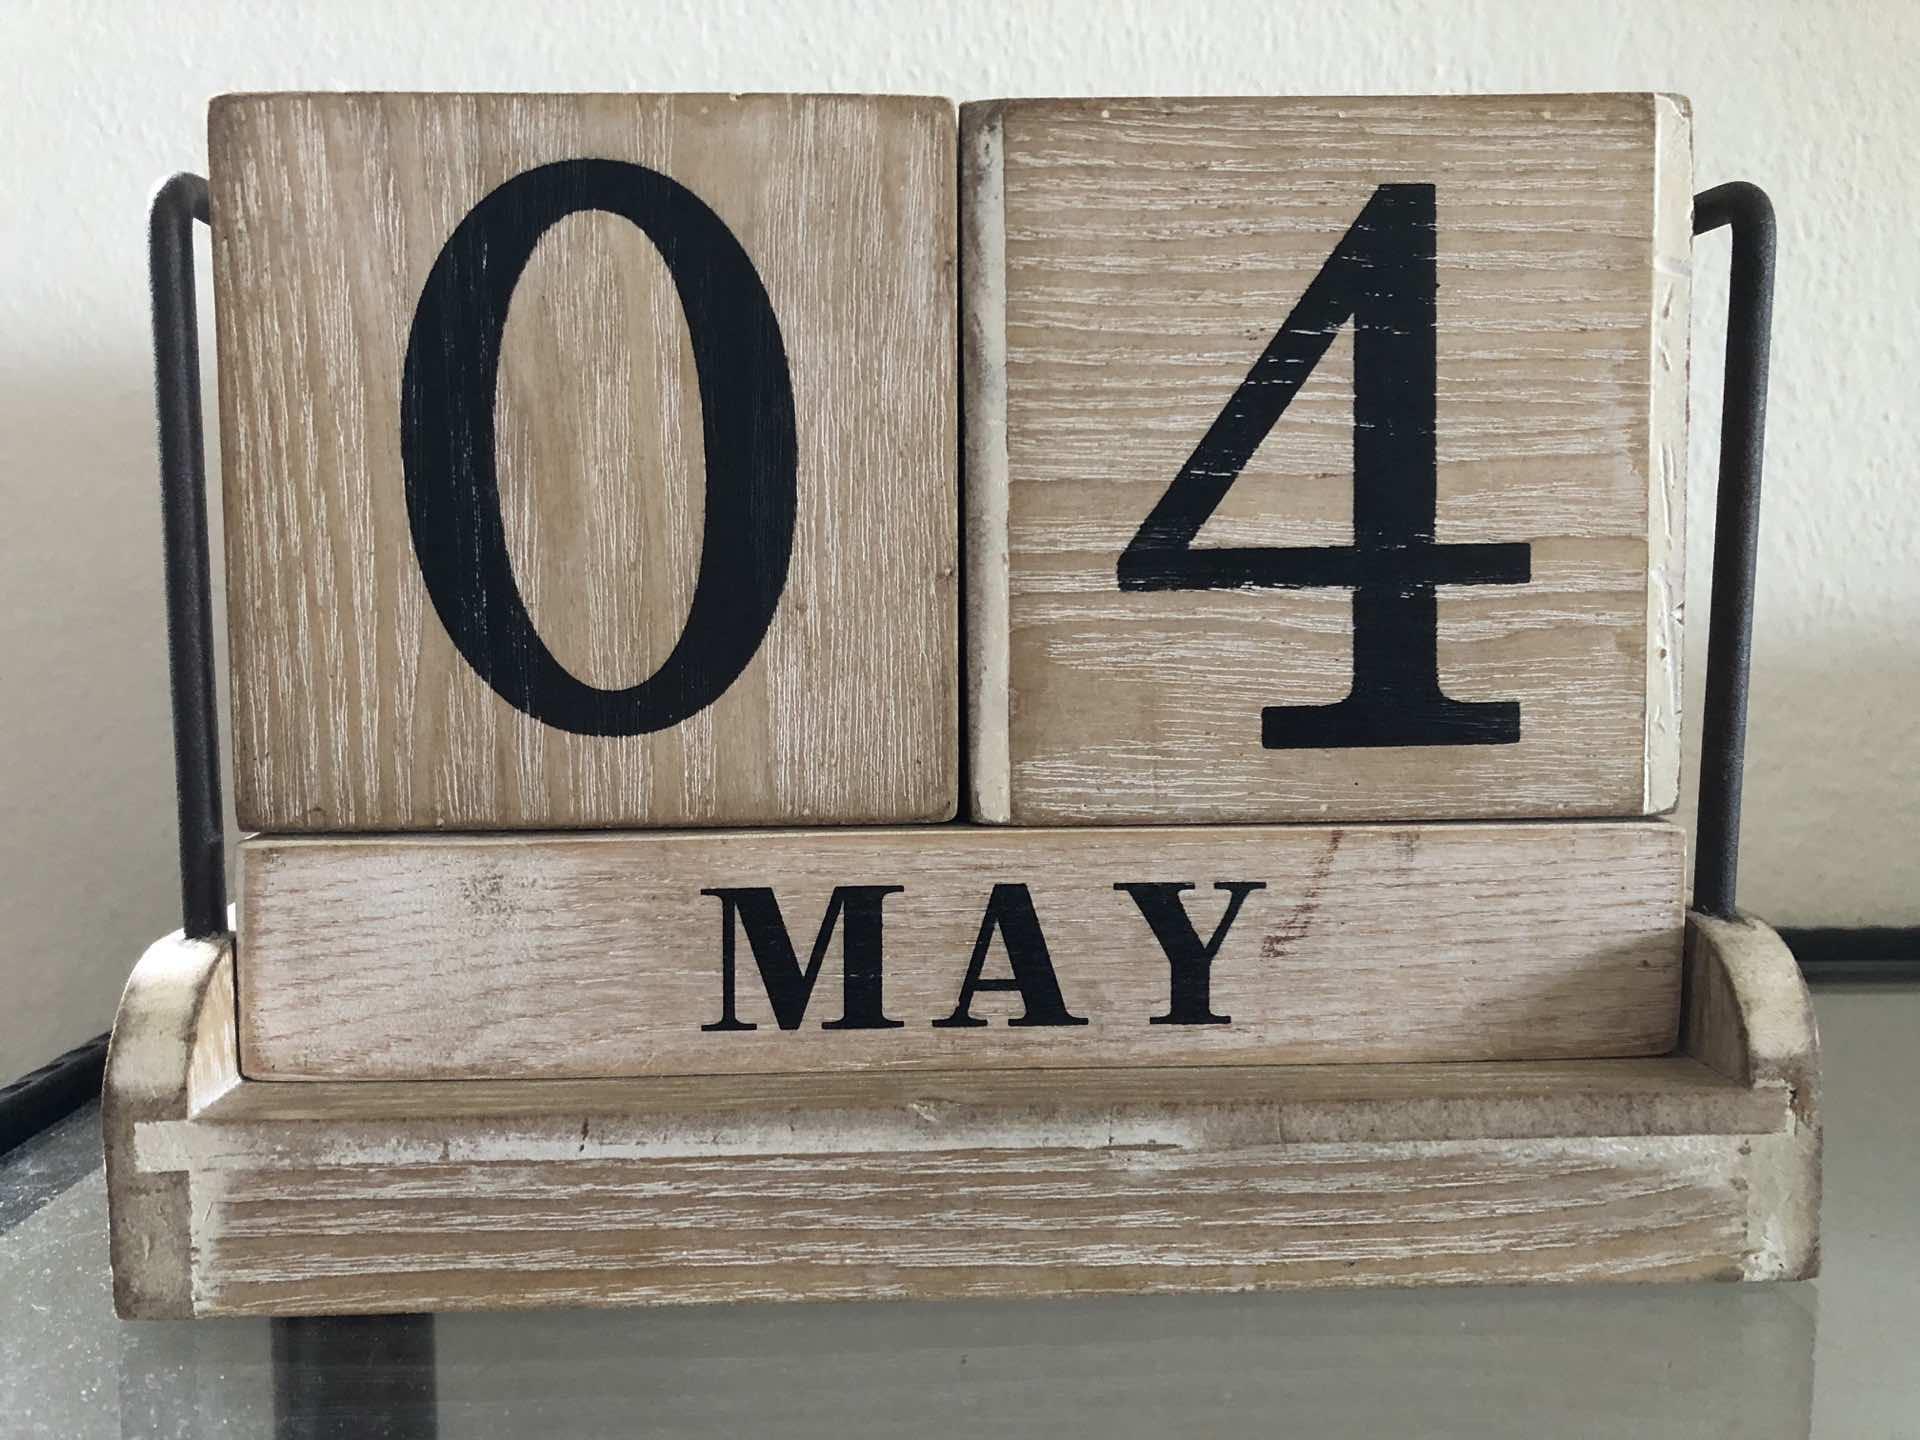 Calendario da tavolo in legno: 4 maggio